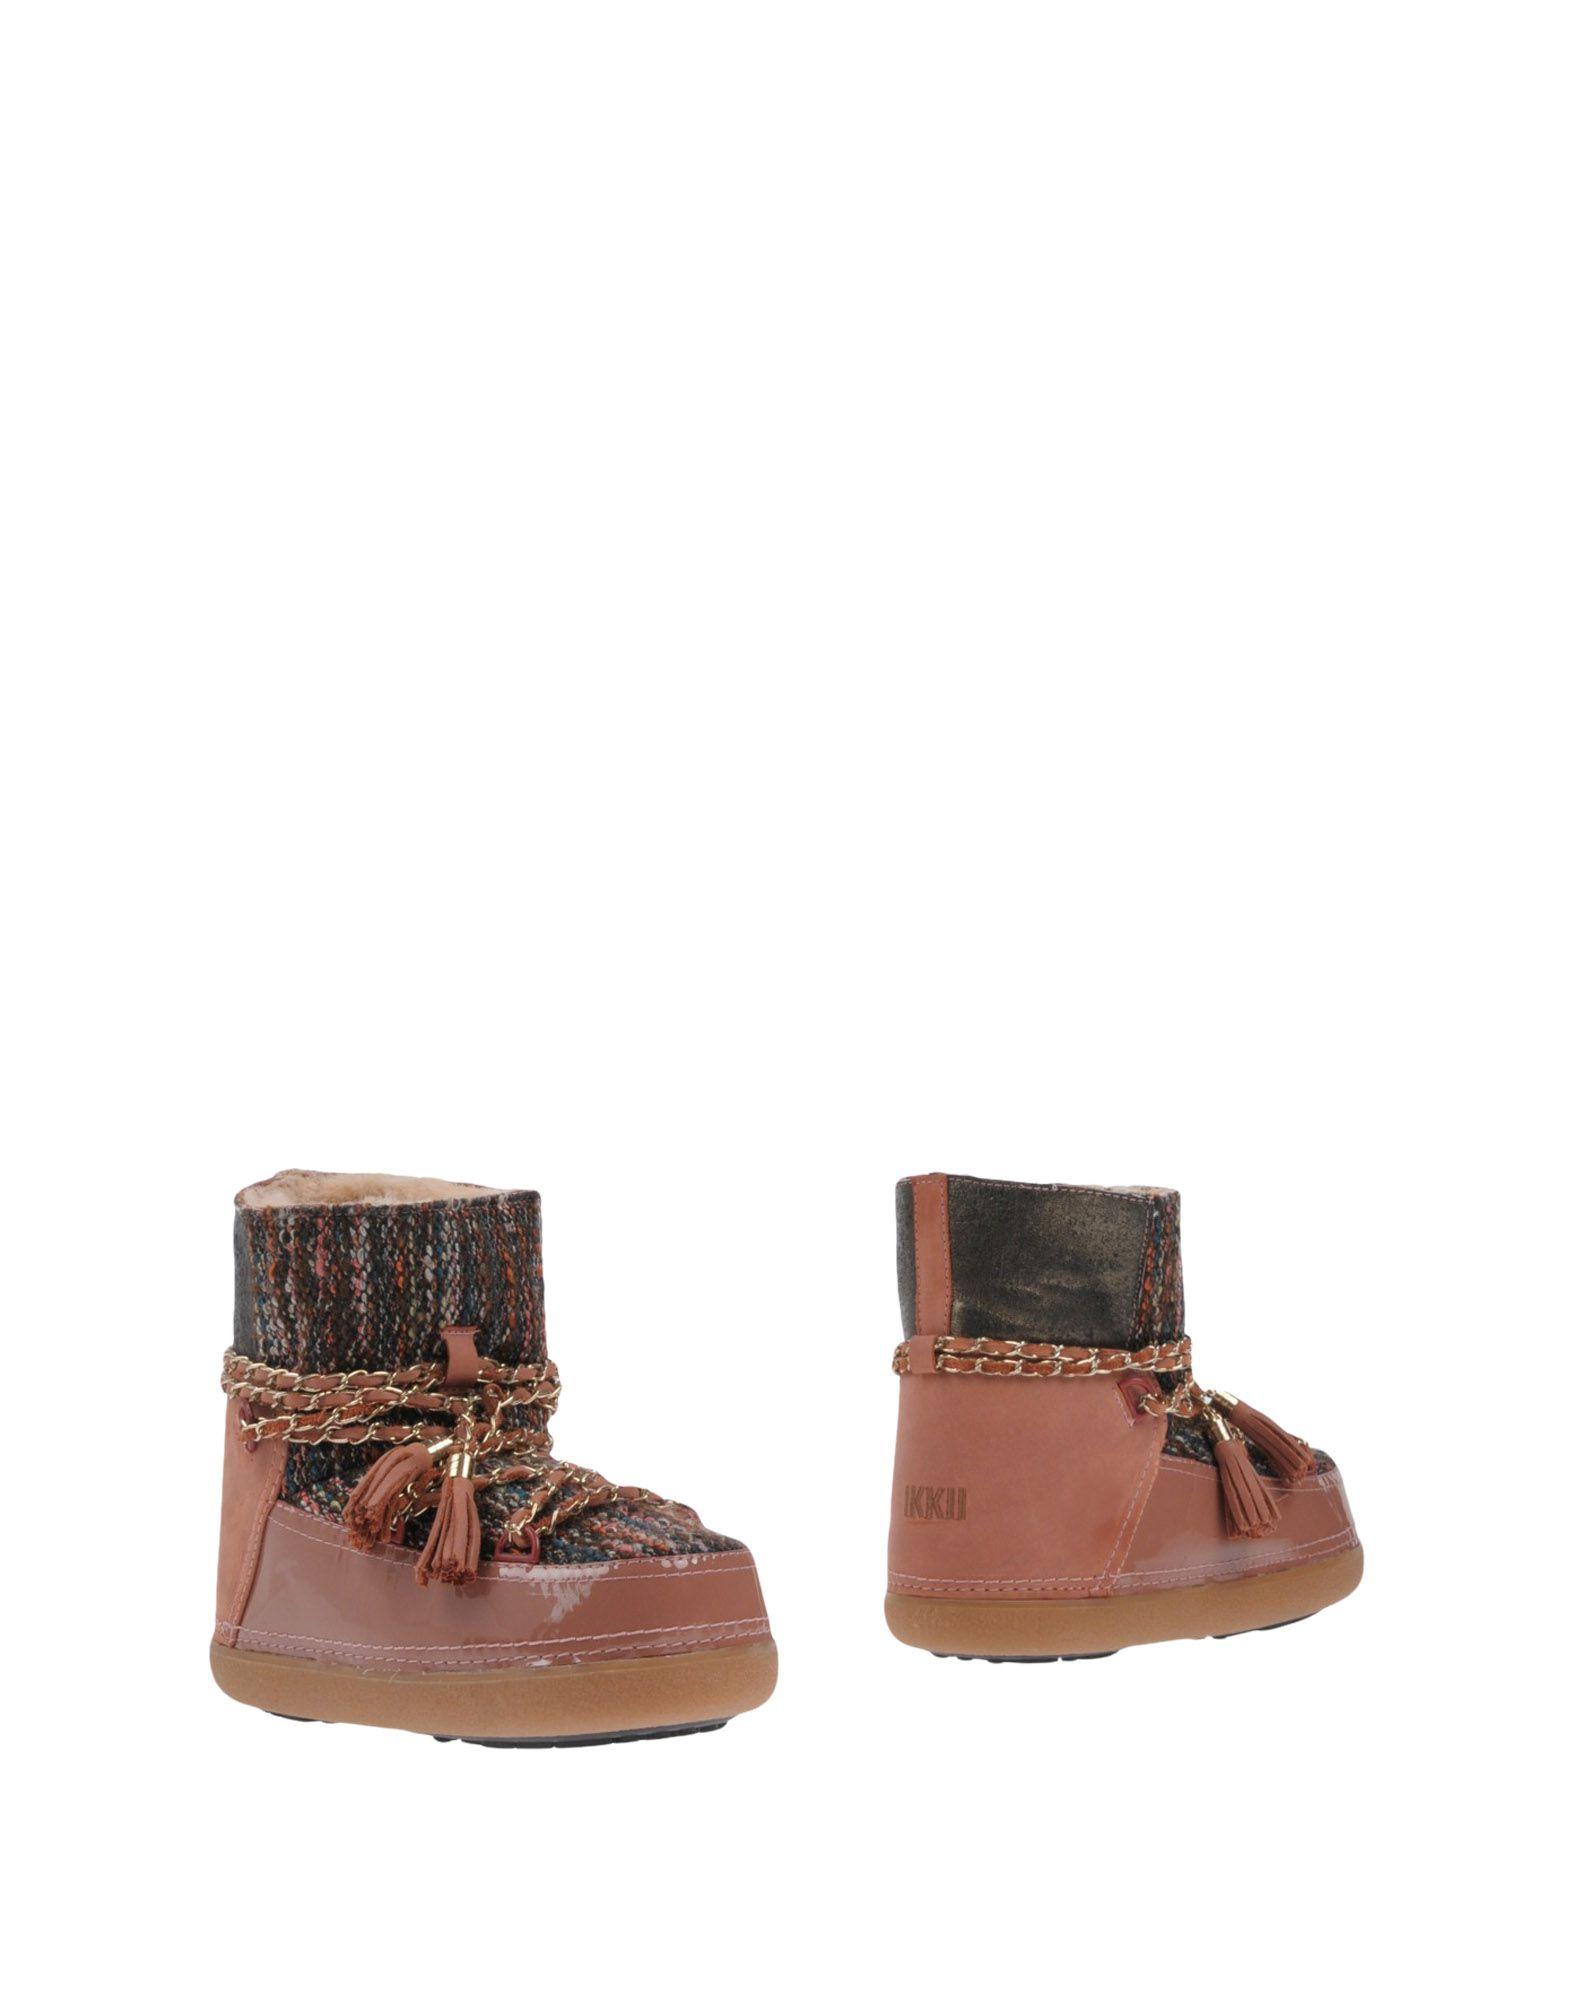 Stilvolle billige Schuhe Ikkii Stiefelette Damen  11447158HL